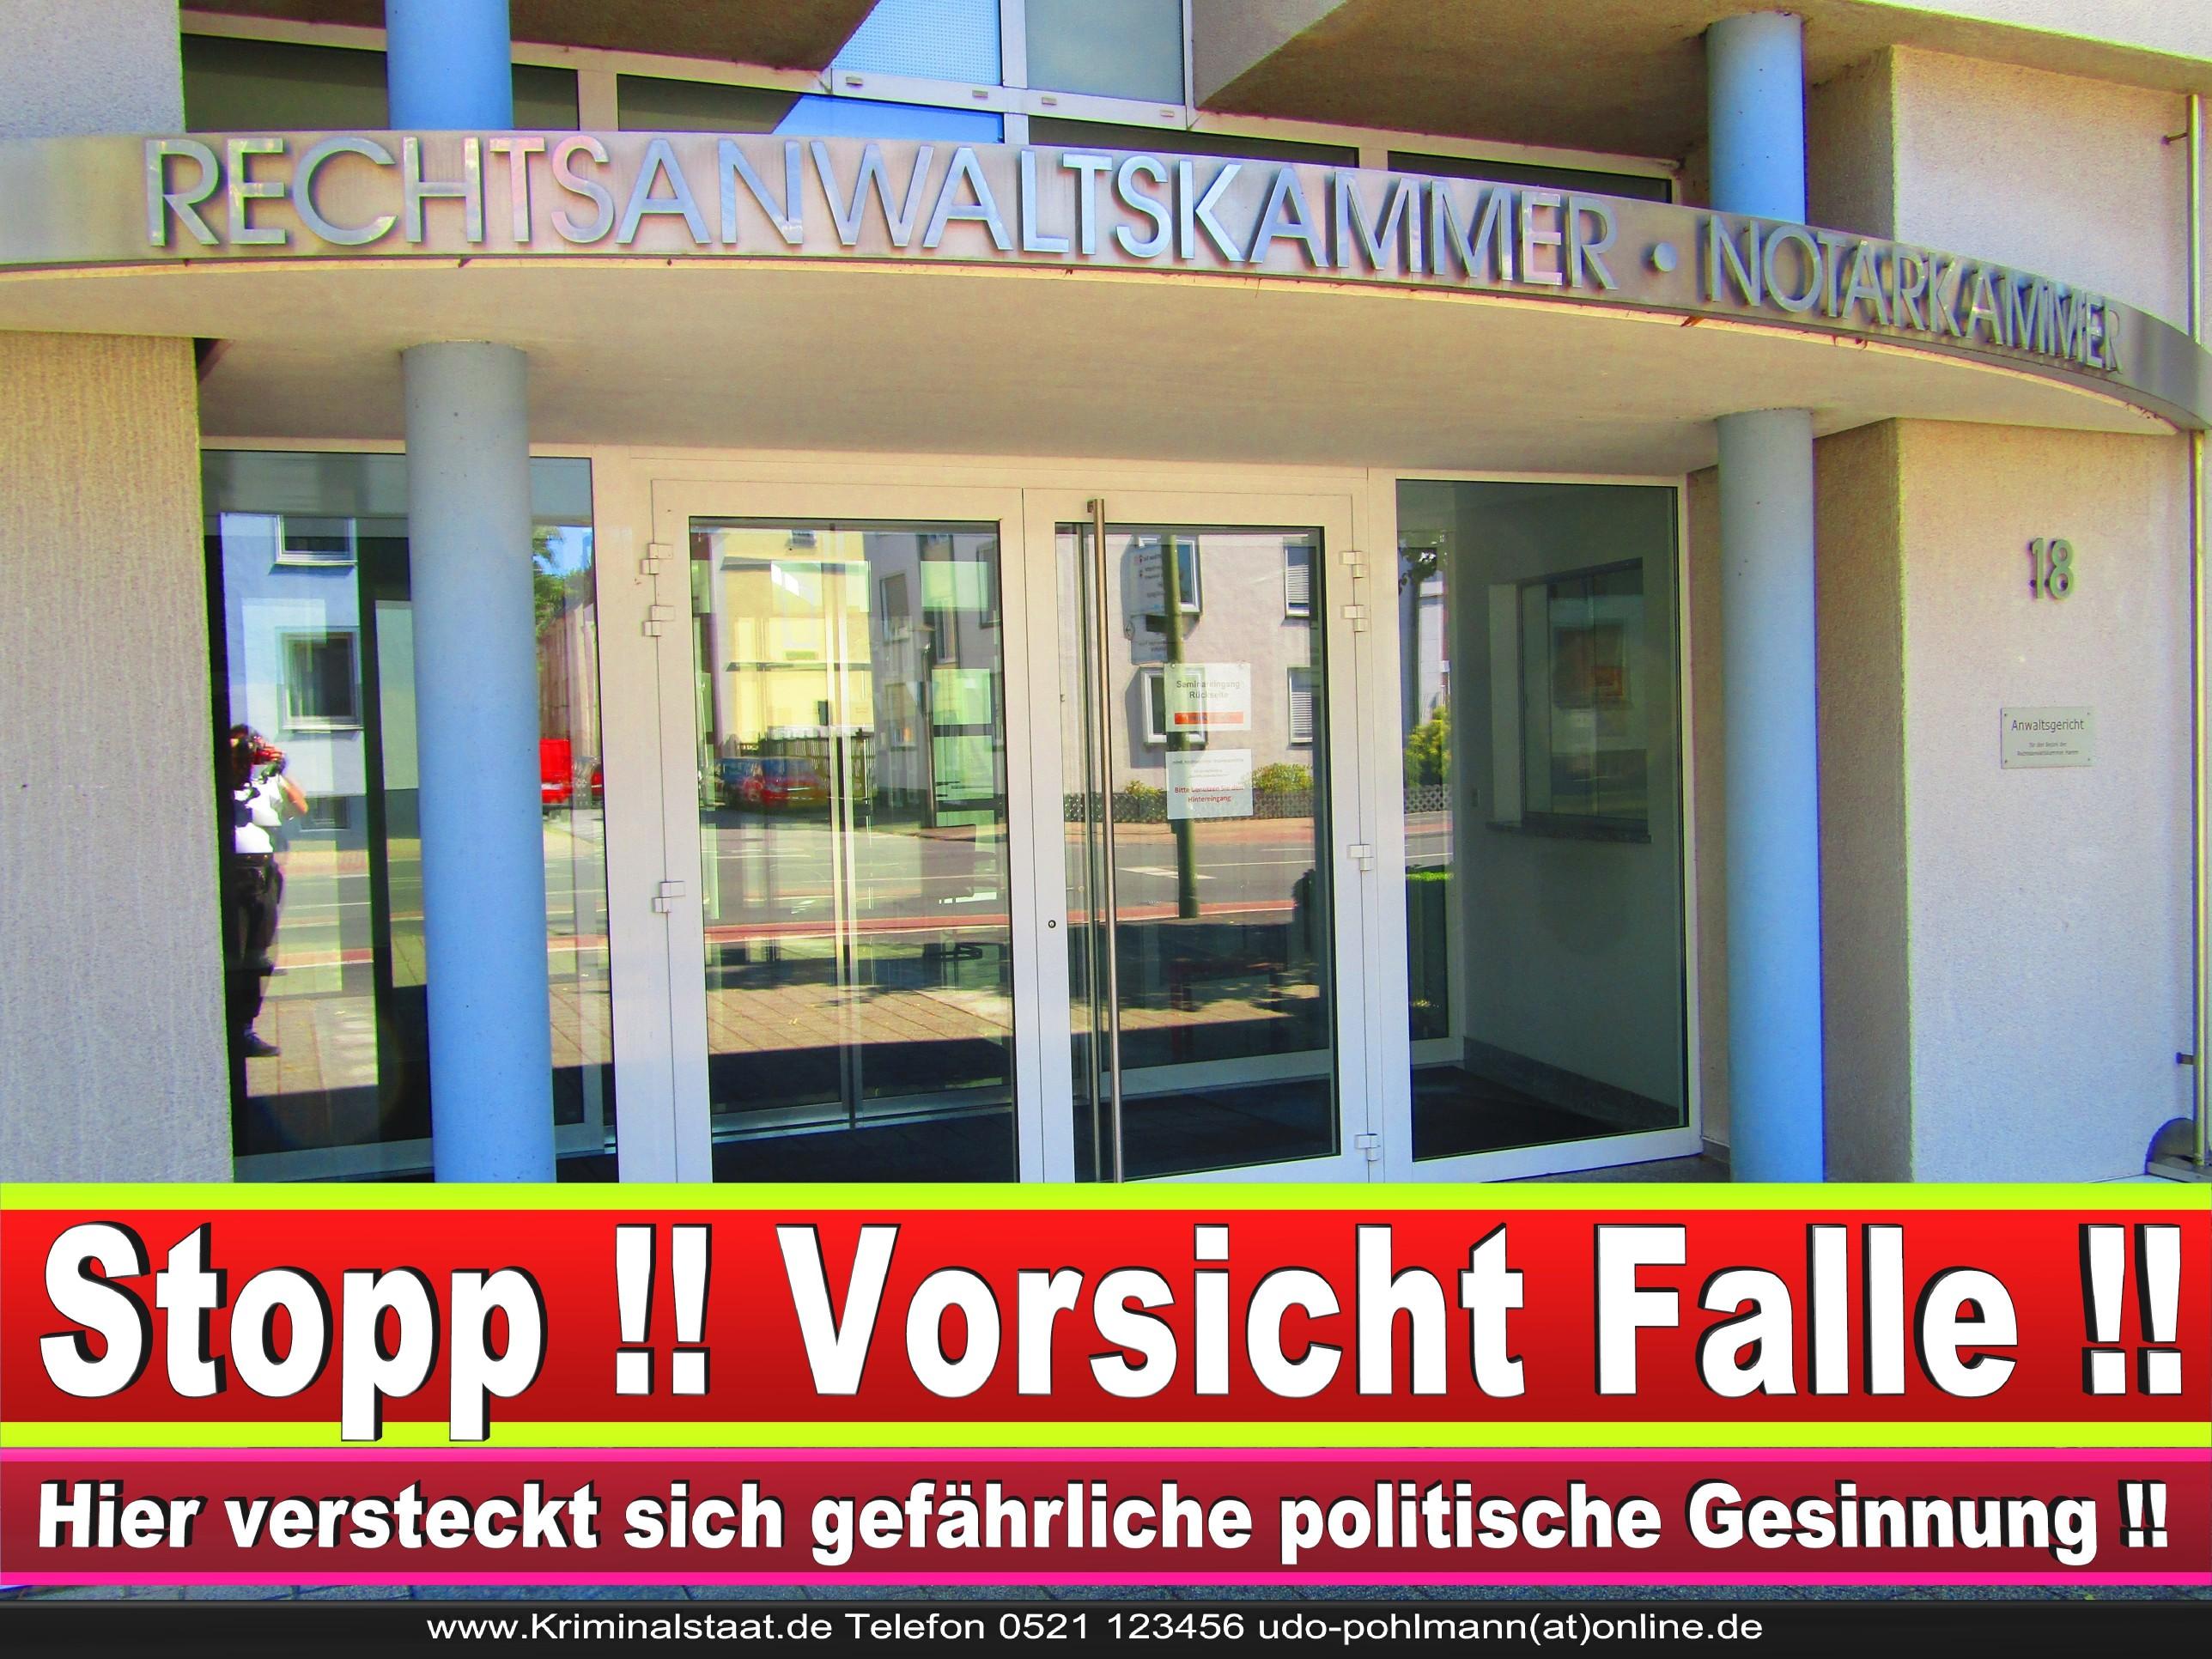 Rechtsanwaltskammer Hamm NRW Justizminister Rechtsanwalt Notar Vermögensverfall Urteil Rechtsprechung CDU SPD FDP Berufsordnung Rechtsanwälte Rechtsprechung (7)